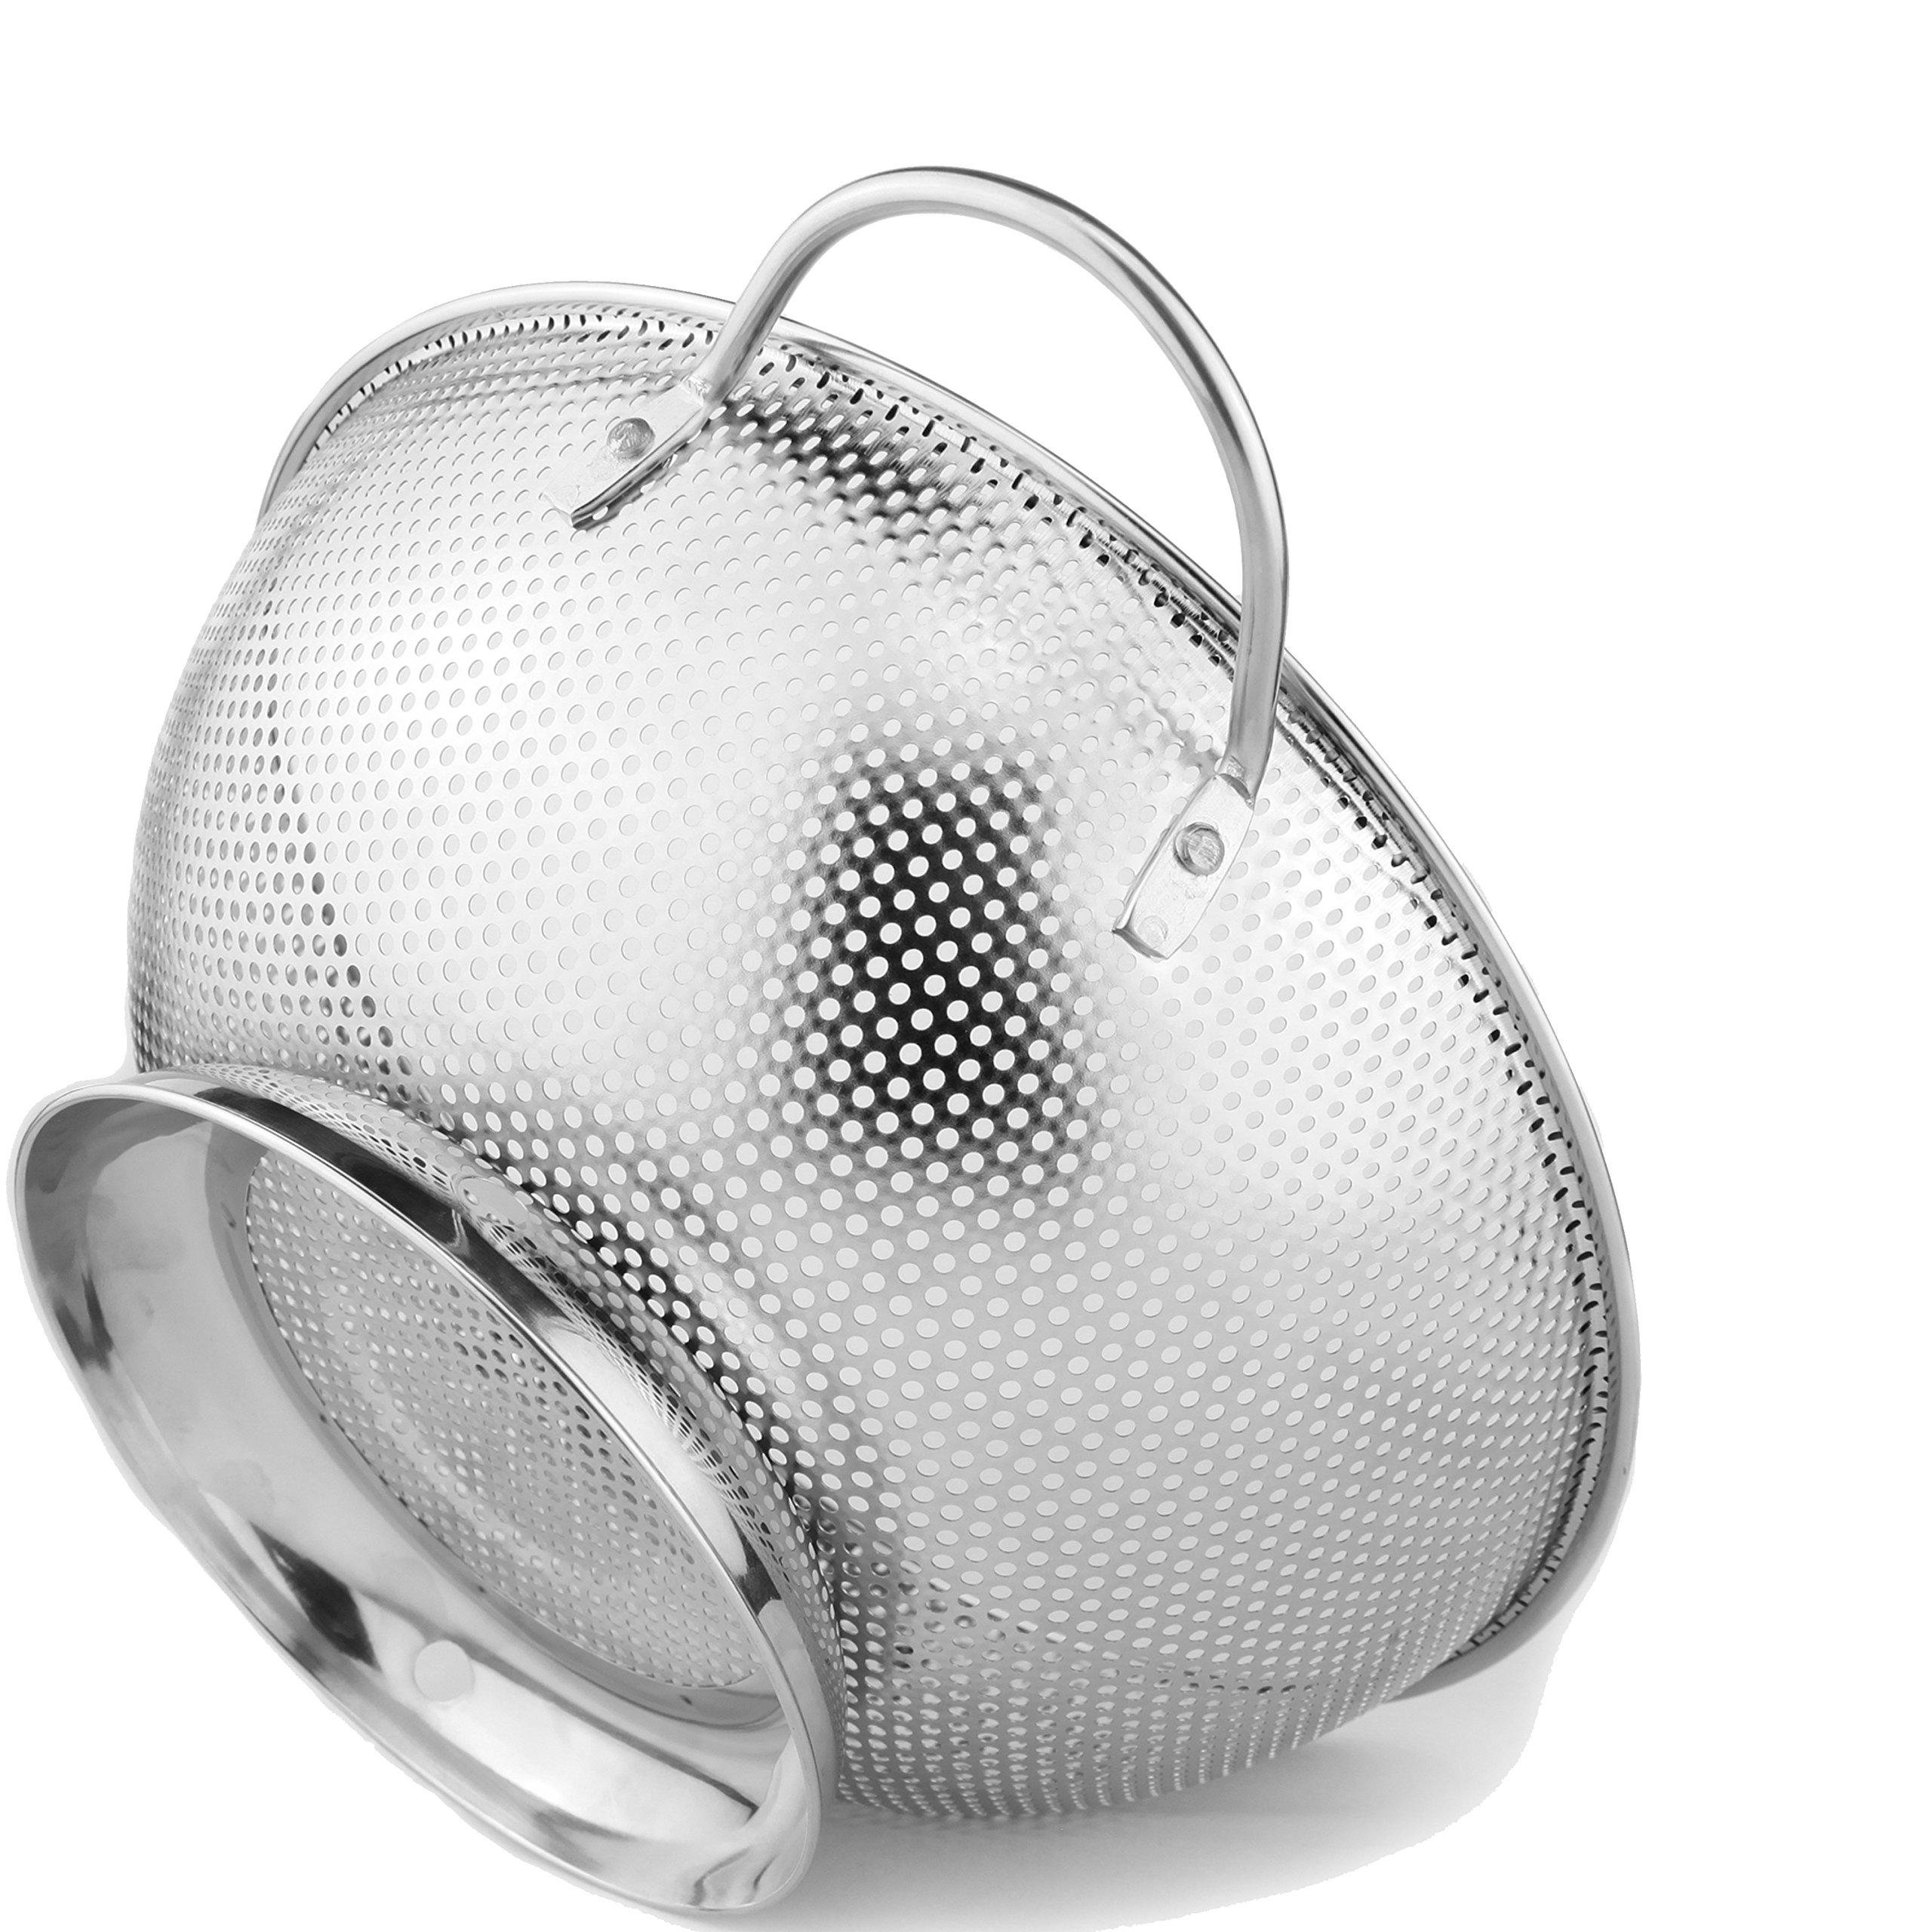 Colander Pro Stainless Steel 5-Quart Colander: Metal Pasta Strainer with Handles & Base - Large Strainer Basket for Pasta, Rice Noodles & More: Dishwasher�